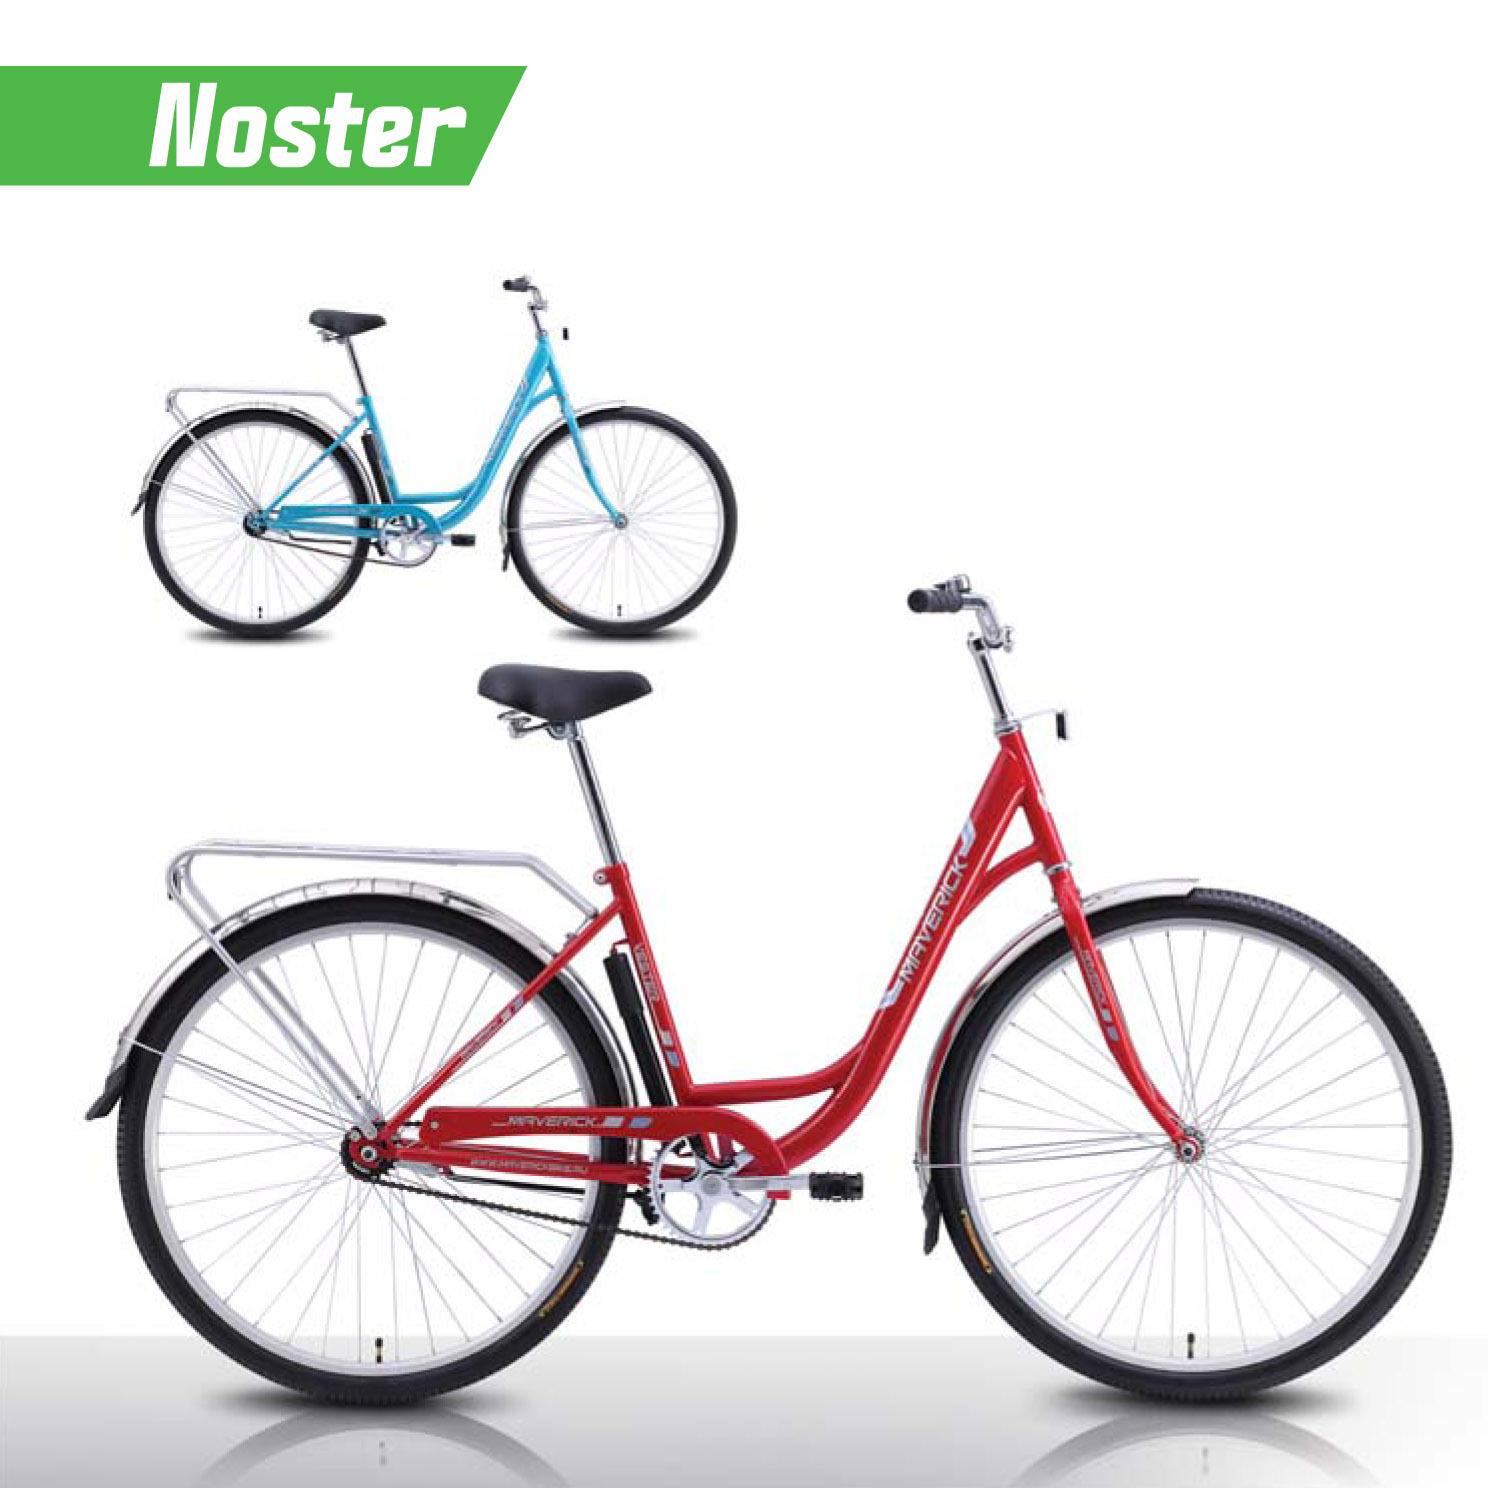 """Велосипед Maverick 28"""" Noster,дорожный,рама 20 Hi-Ten,1-ск,Синий"""